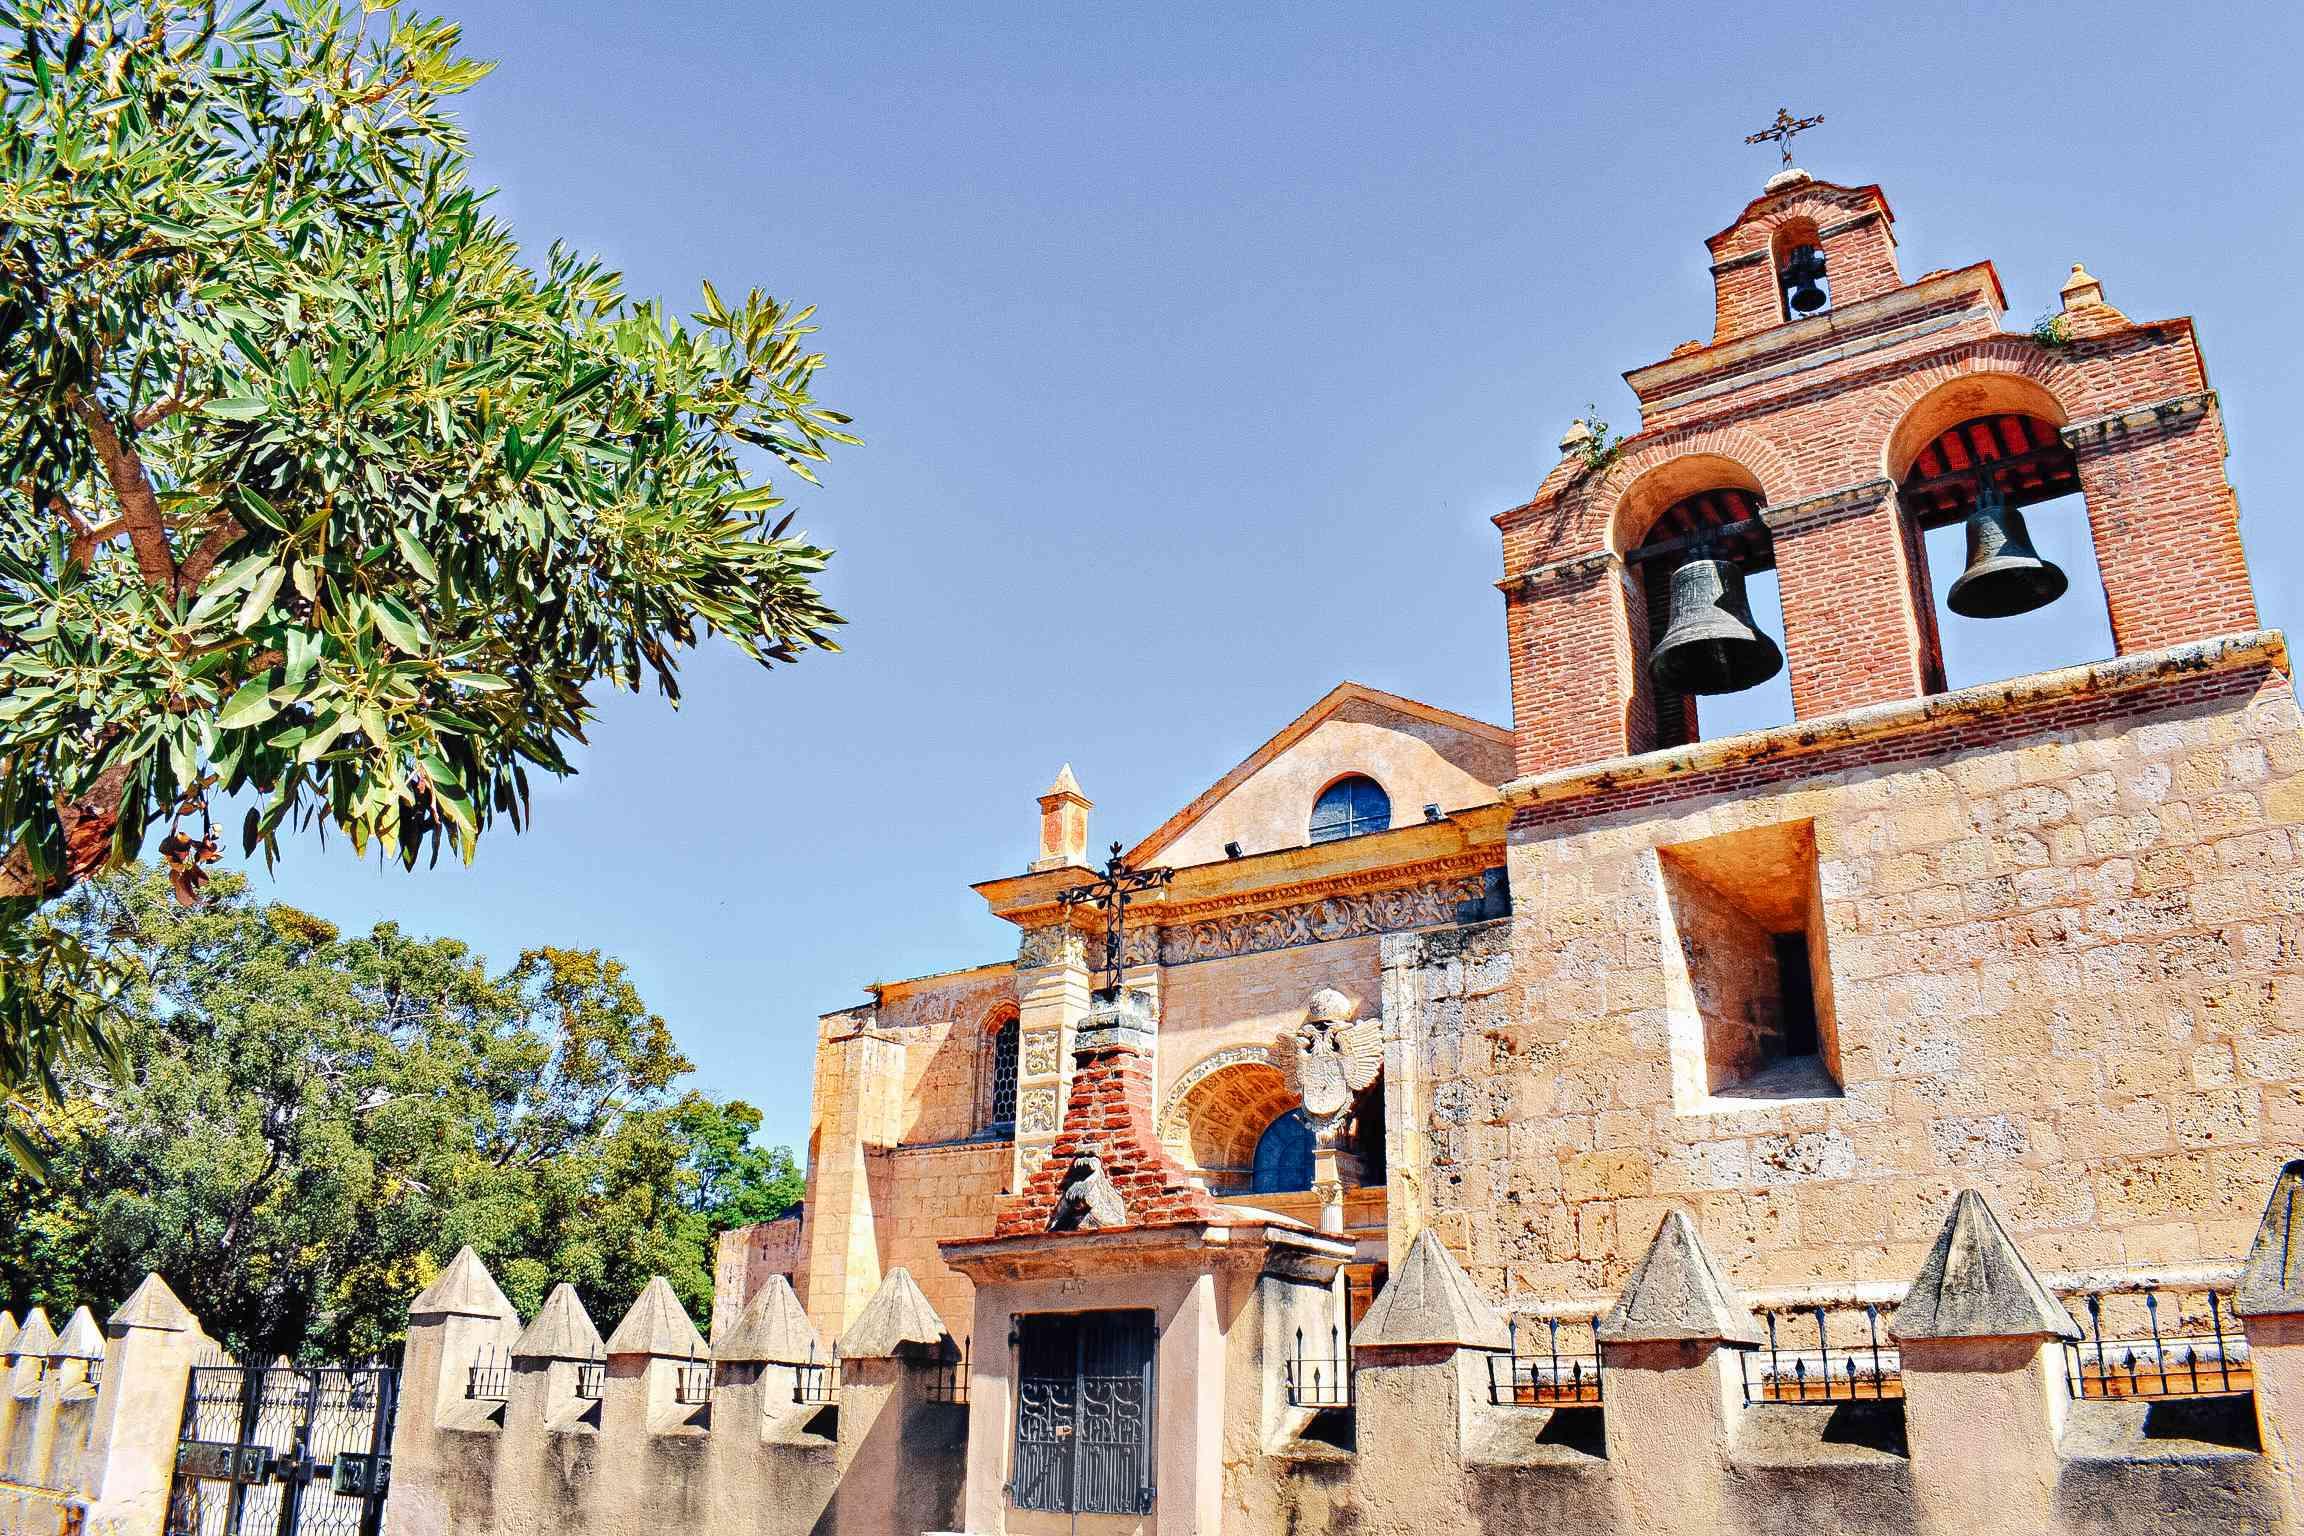 Colonial Architecture in Parque Colon in Santo Domingo